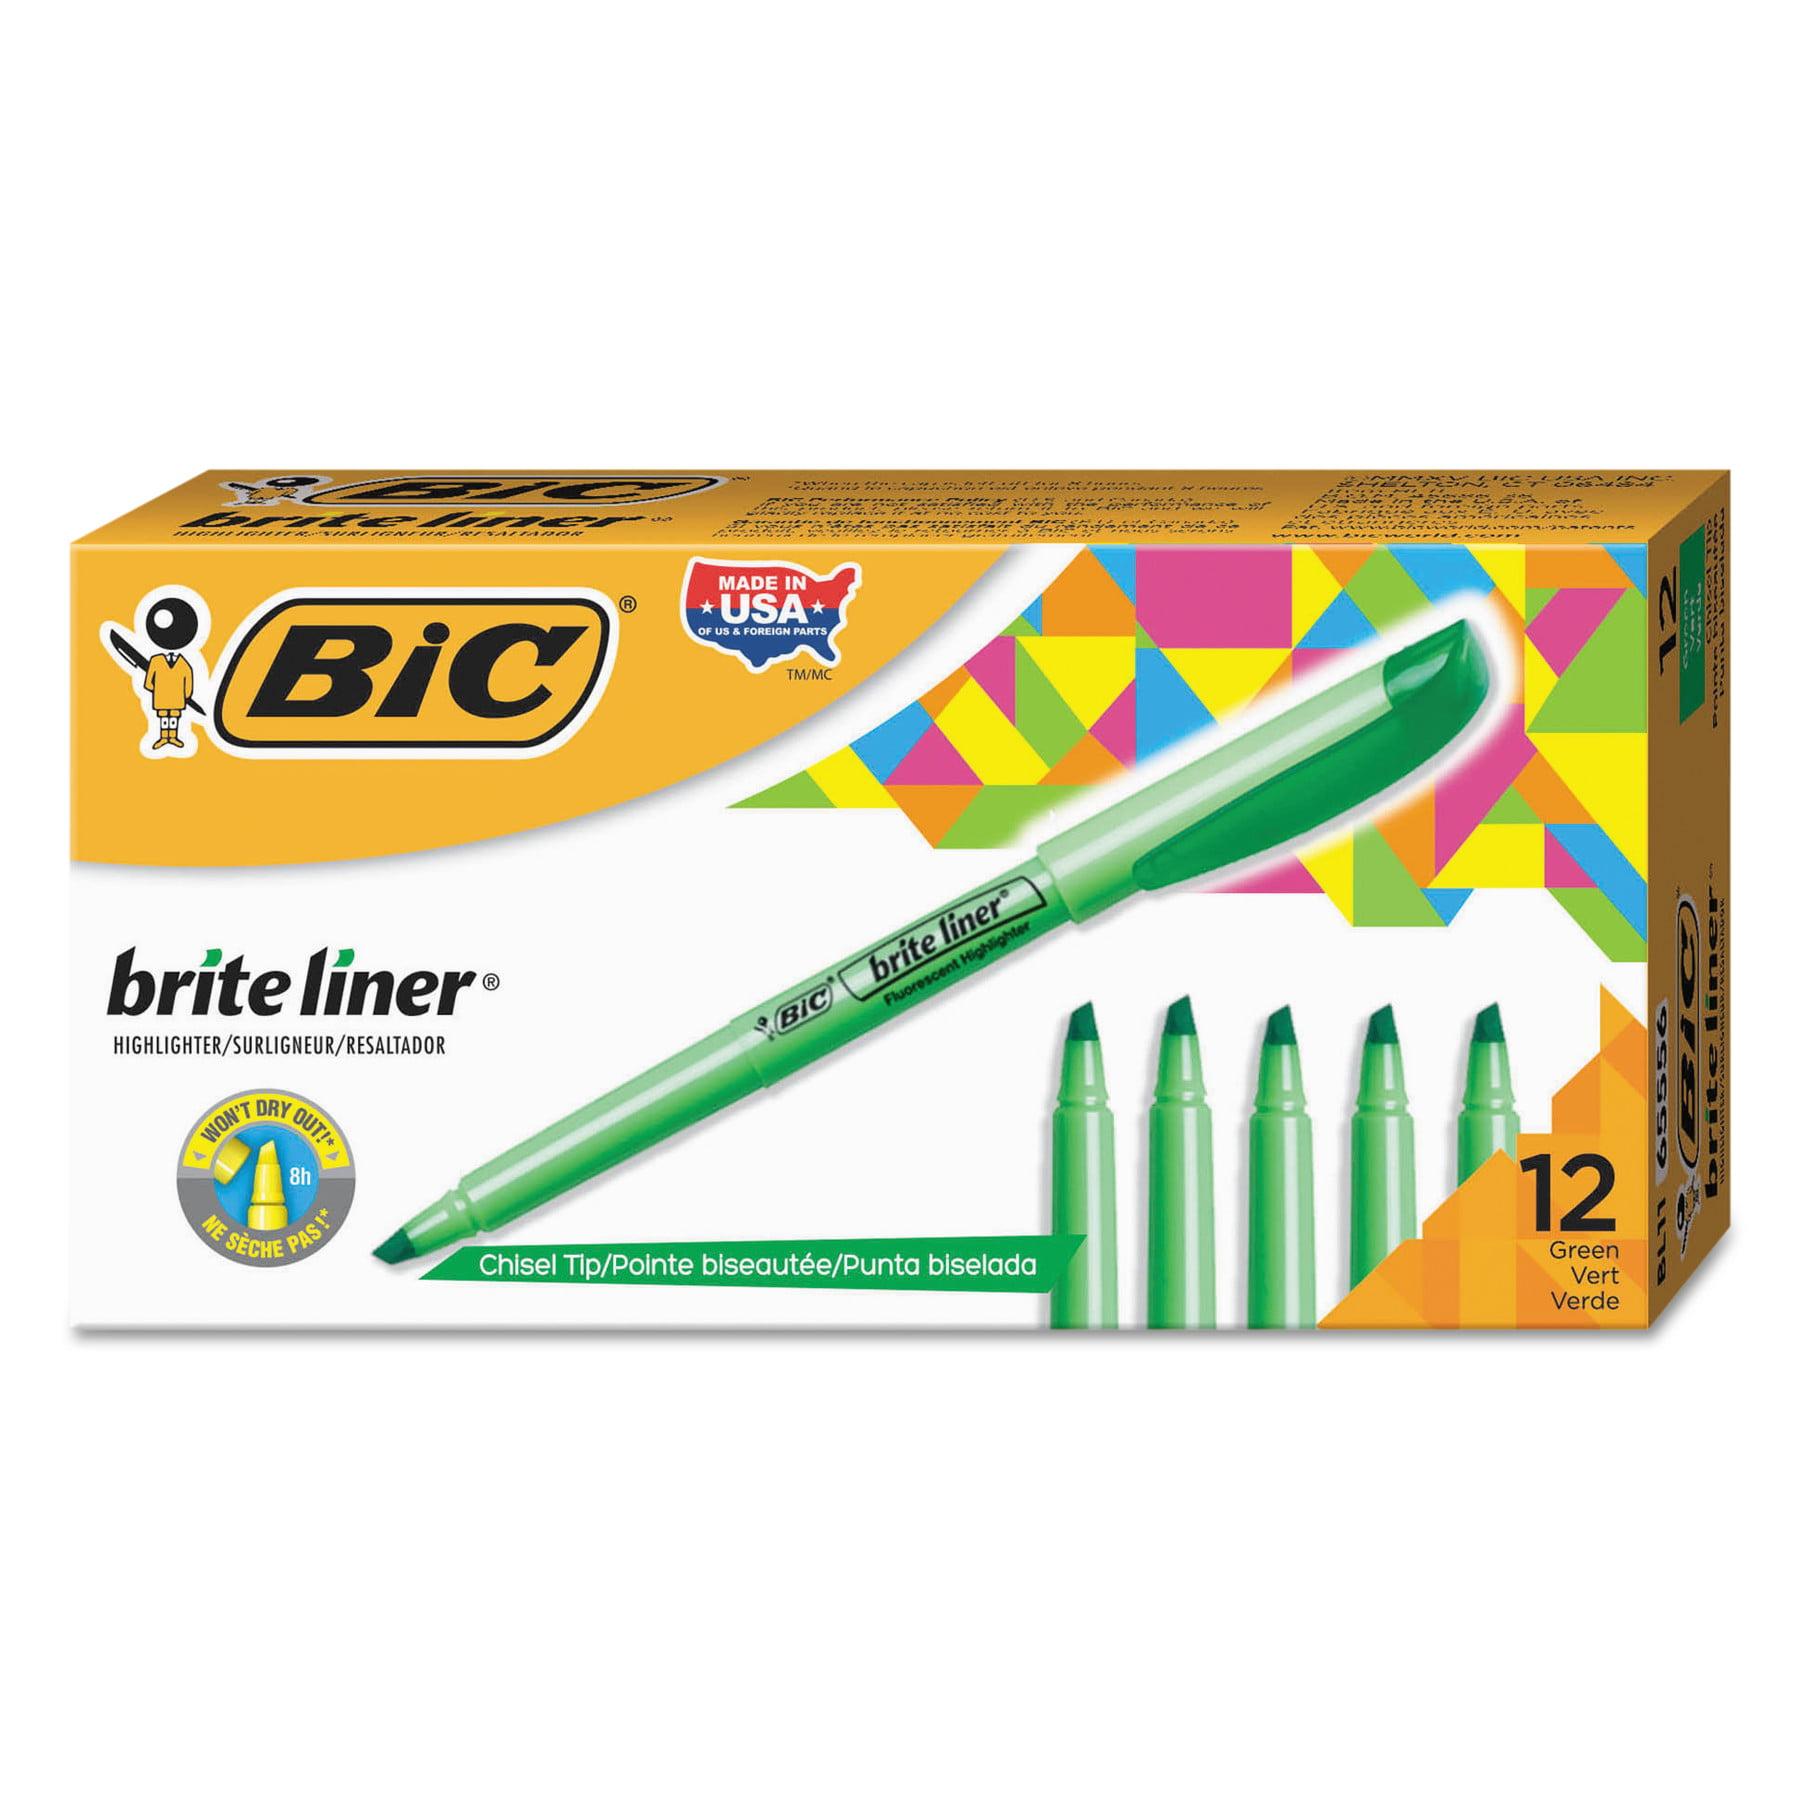 BIC Brite Liner Highlighter, Chisel Tip, Fluorescent Green, Dozen